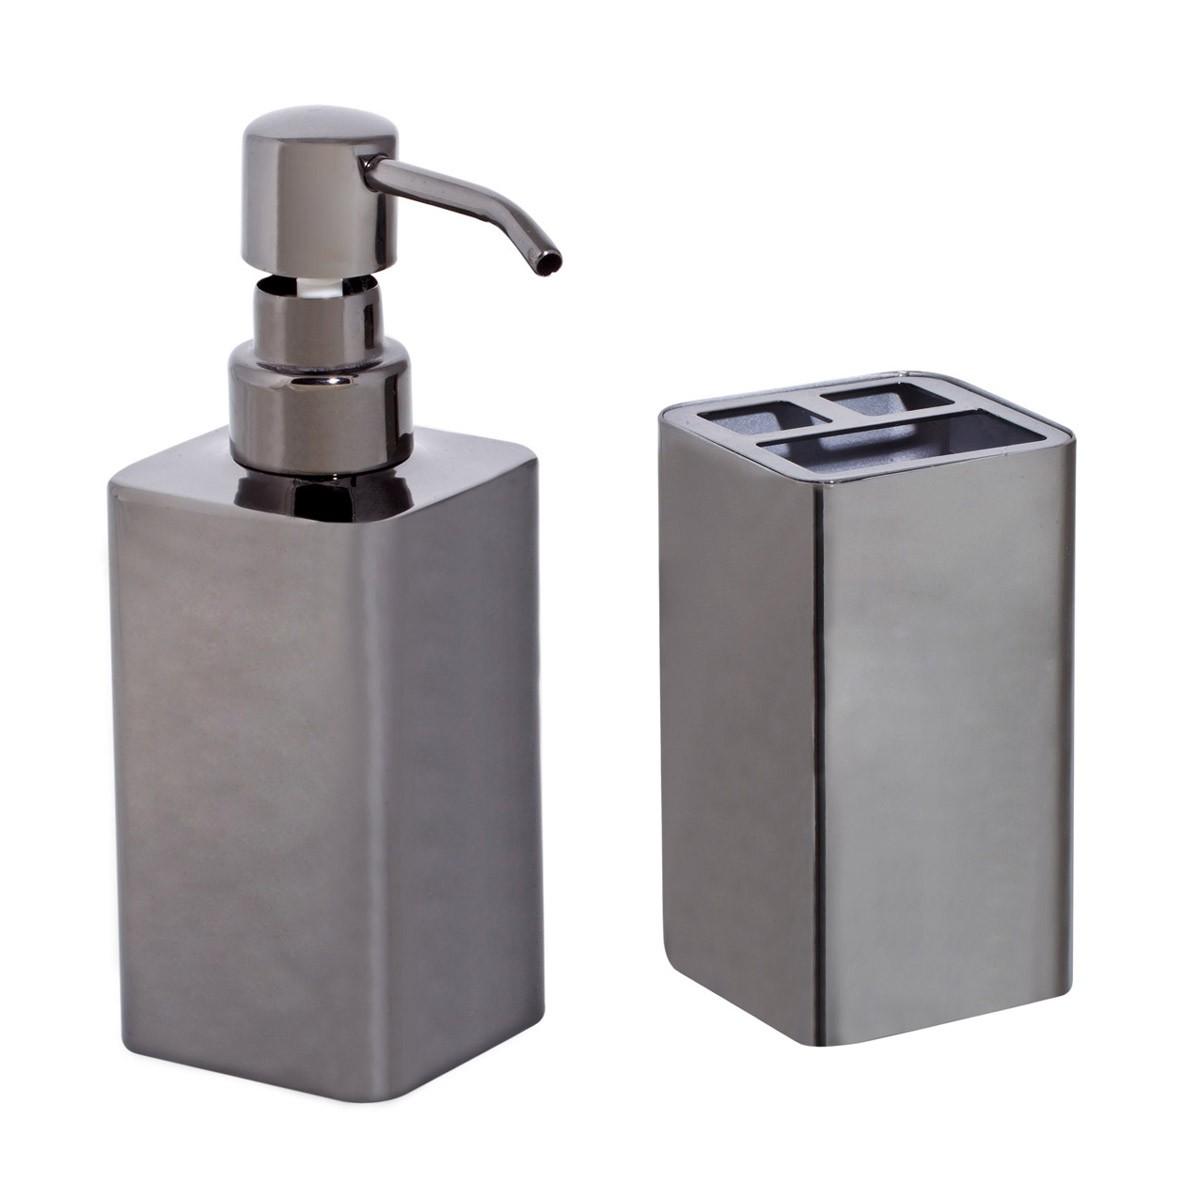 Αξεσουάρ Μπάνιου (Σετ 2τμχ) Marva Titanium 478090